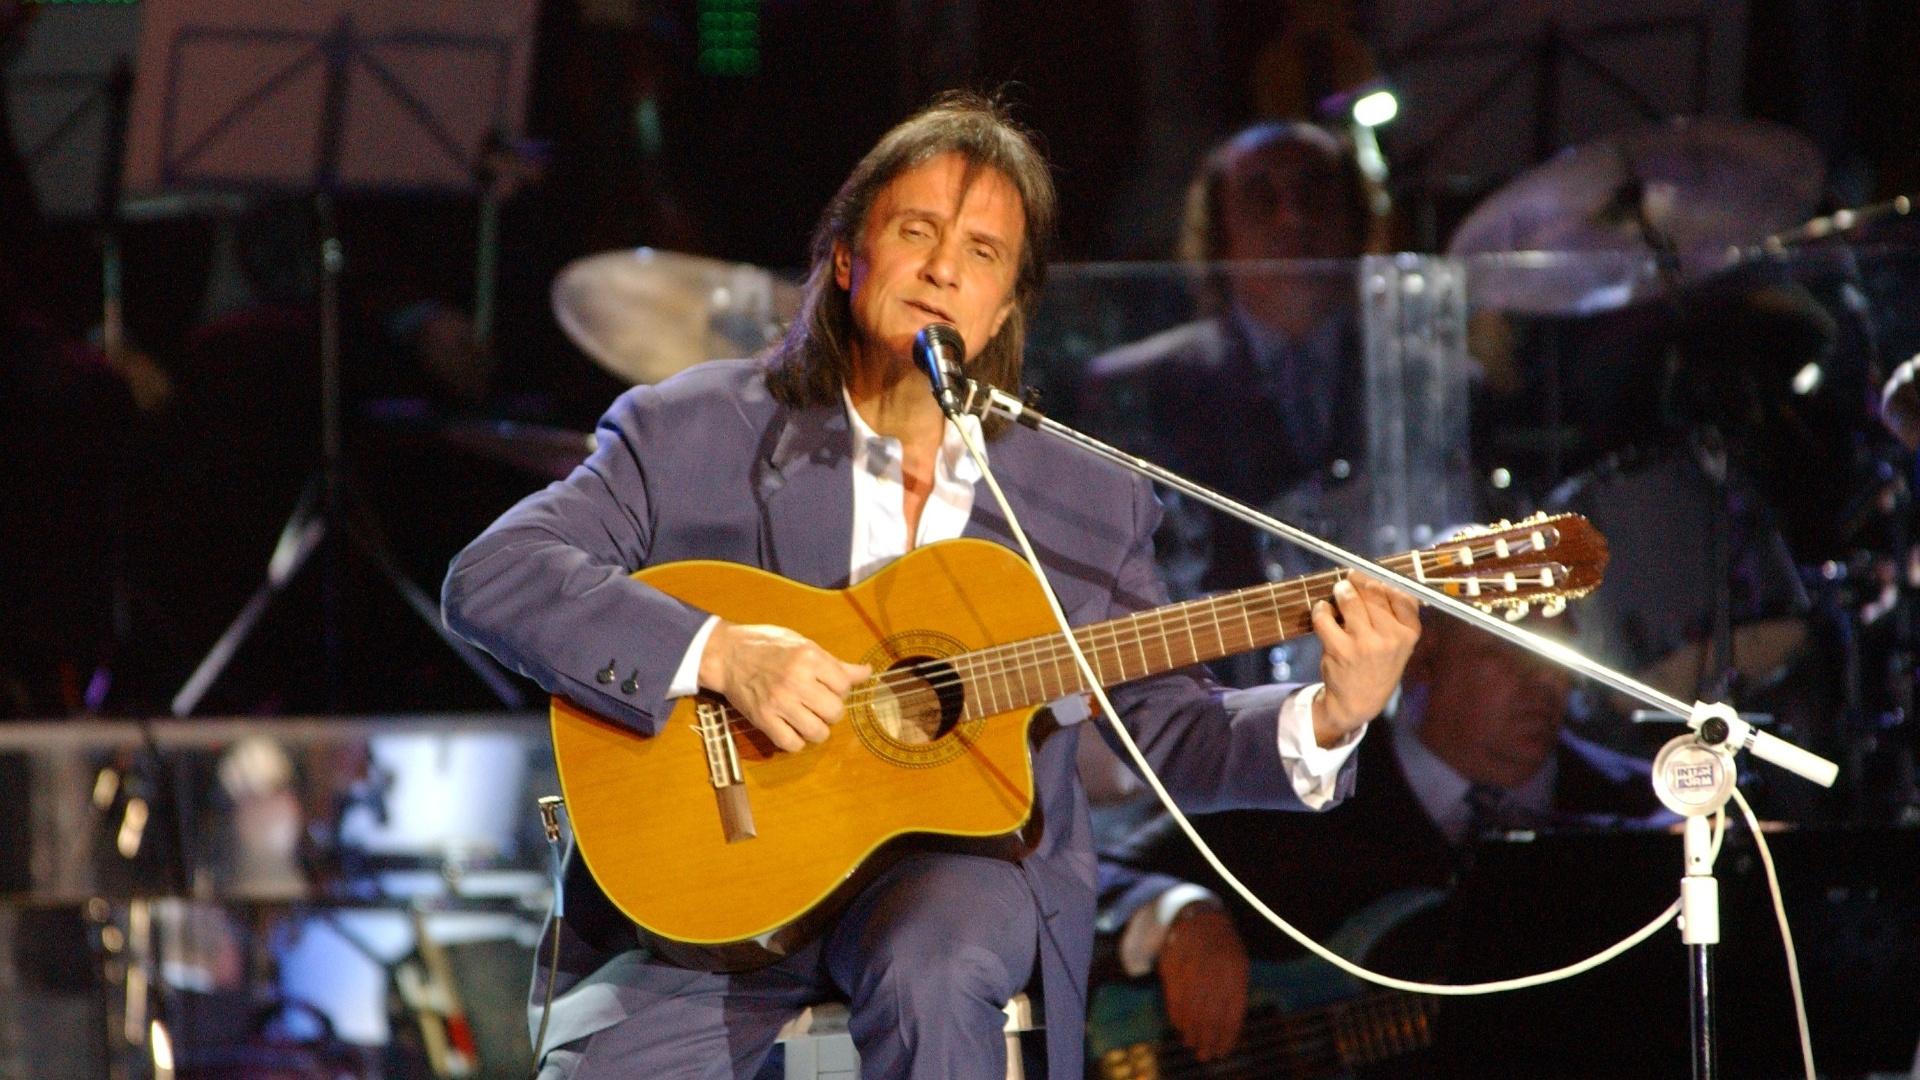 Roberto Carlos toca violão no especial exibido em 2005